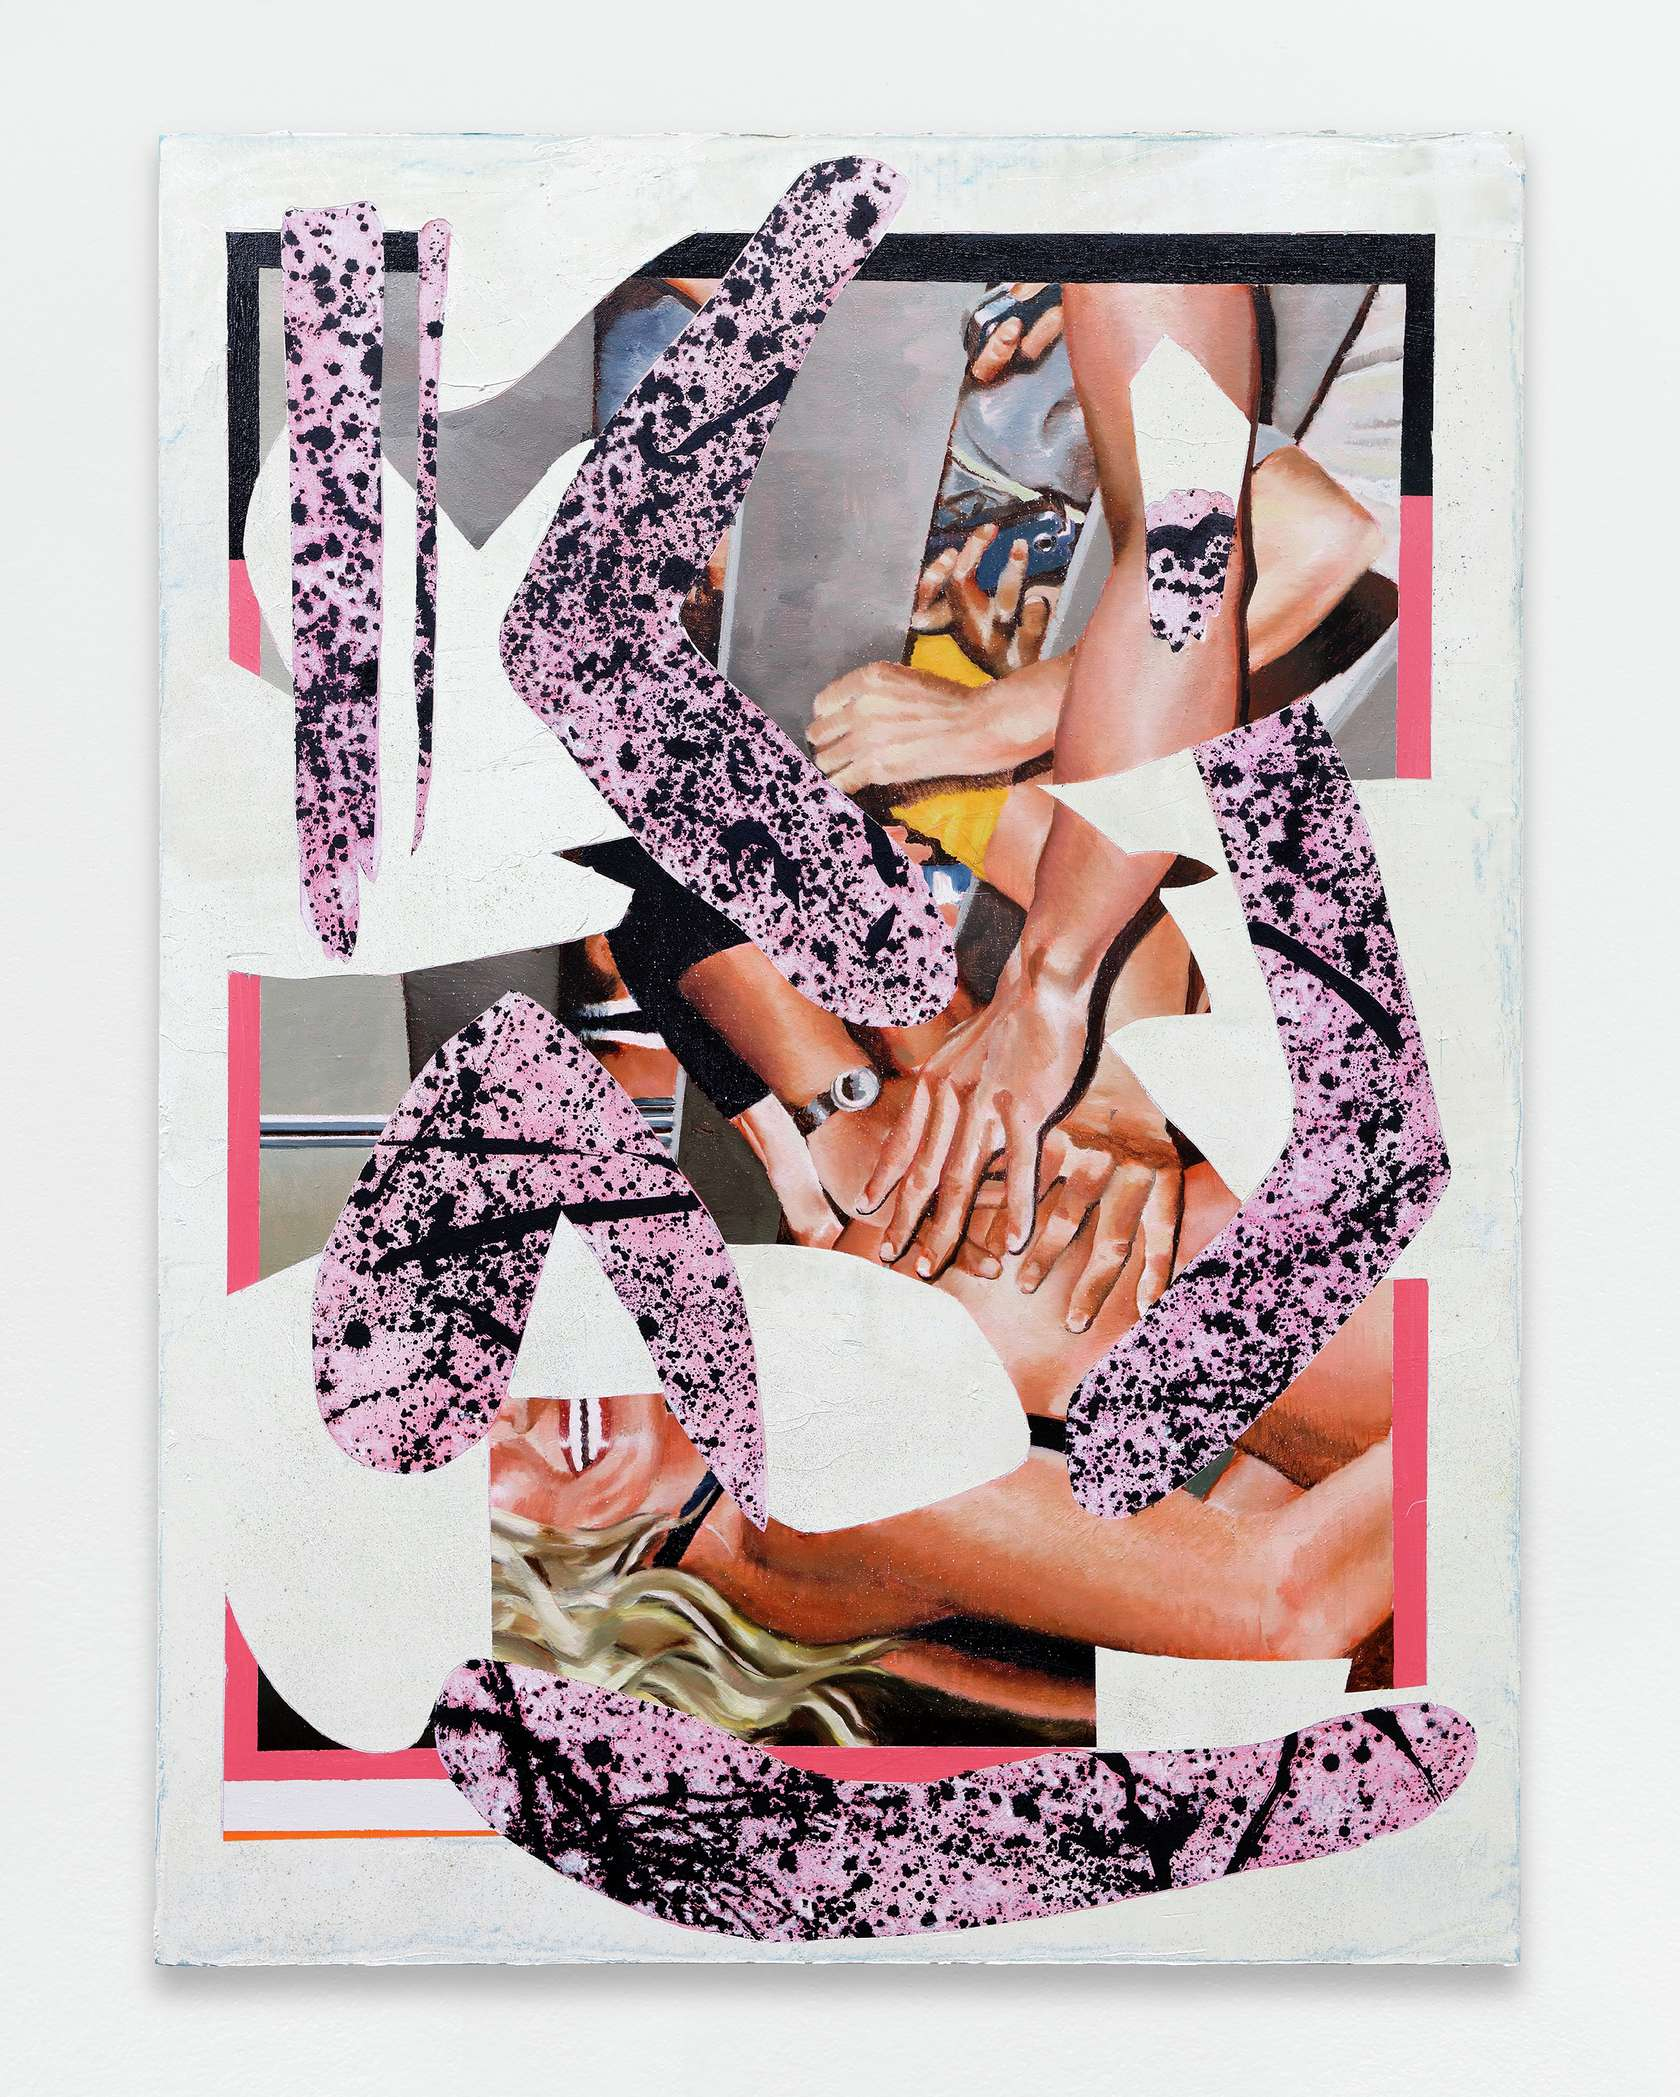 Laurent Proux, Pulp II, 2017 Huile sur toile130 x 97 cm / 51 1/8 x 38 2/8 inches